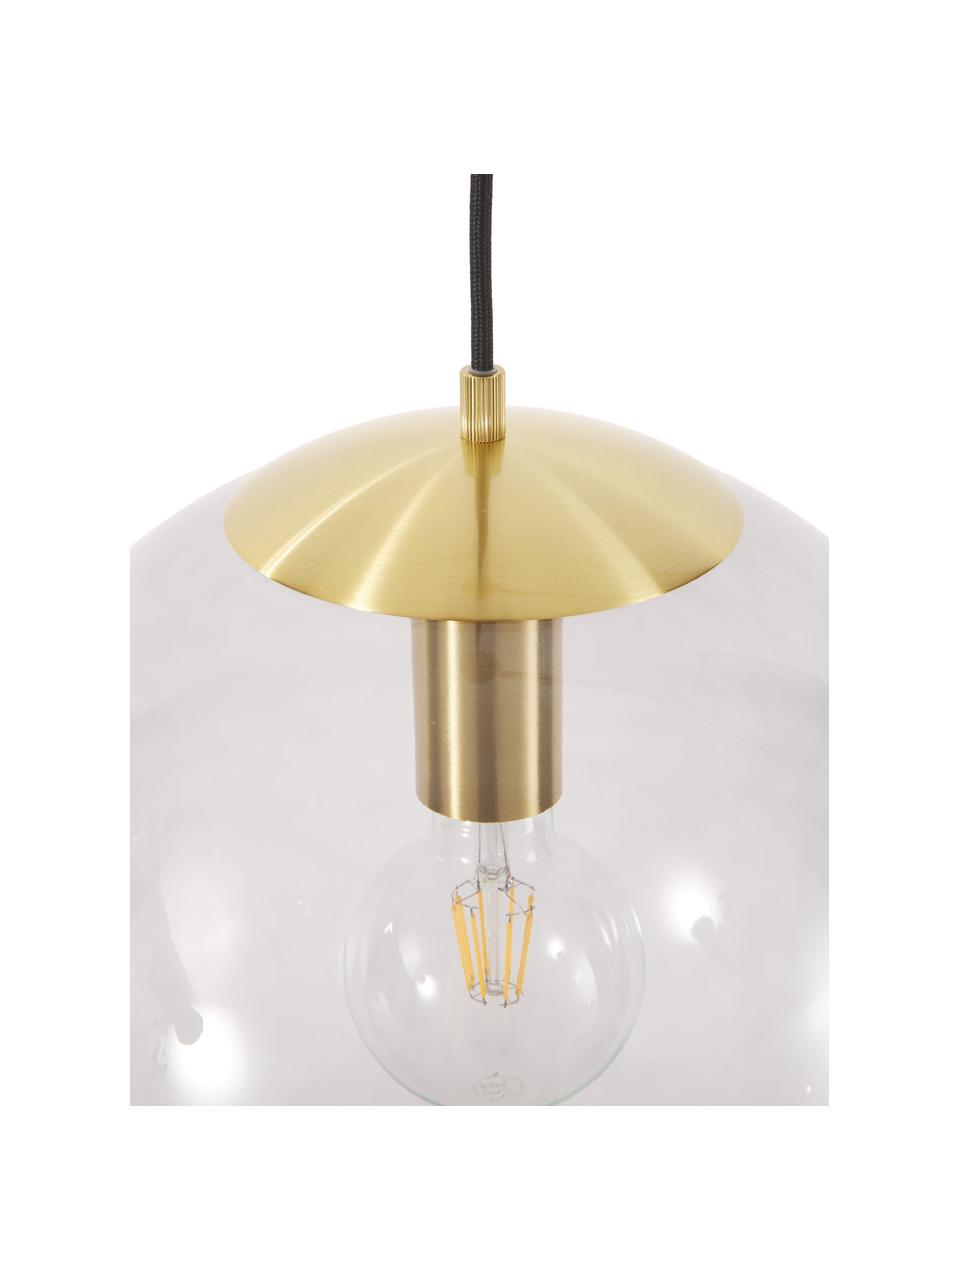 Pendelleuchte Bao aus Glas, Lampenschirm: Glas, Baldachin: Metall, galvanisiert, Blau, Ø 35 cm